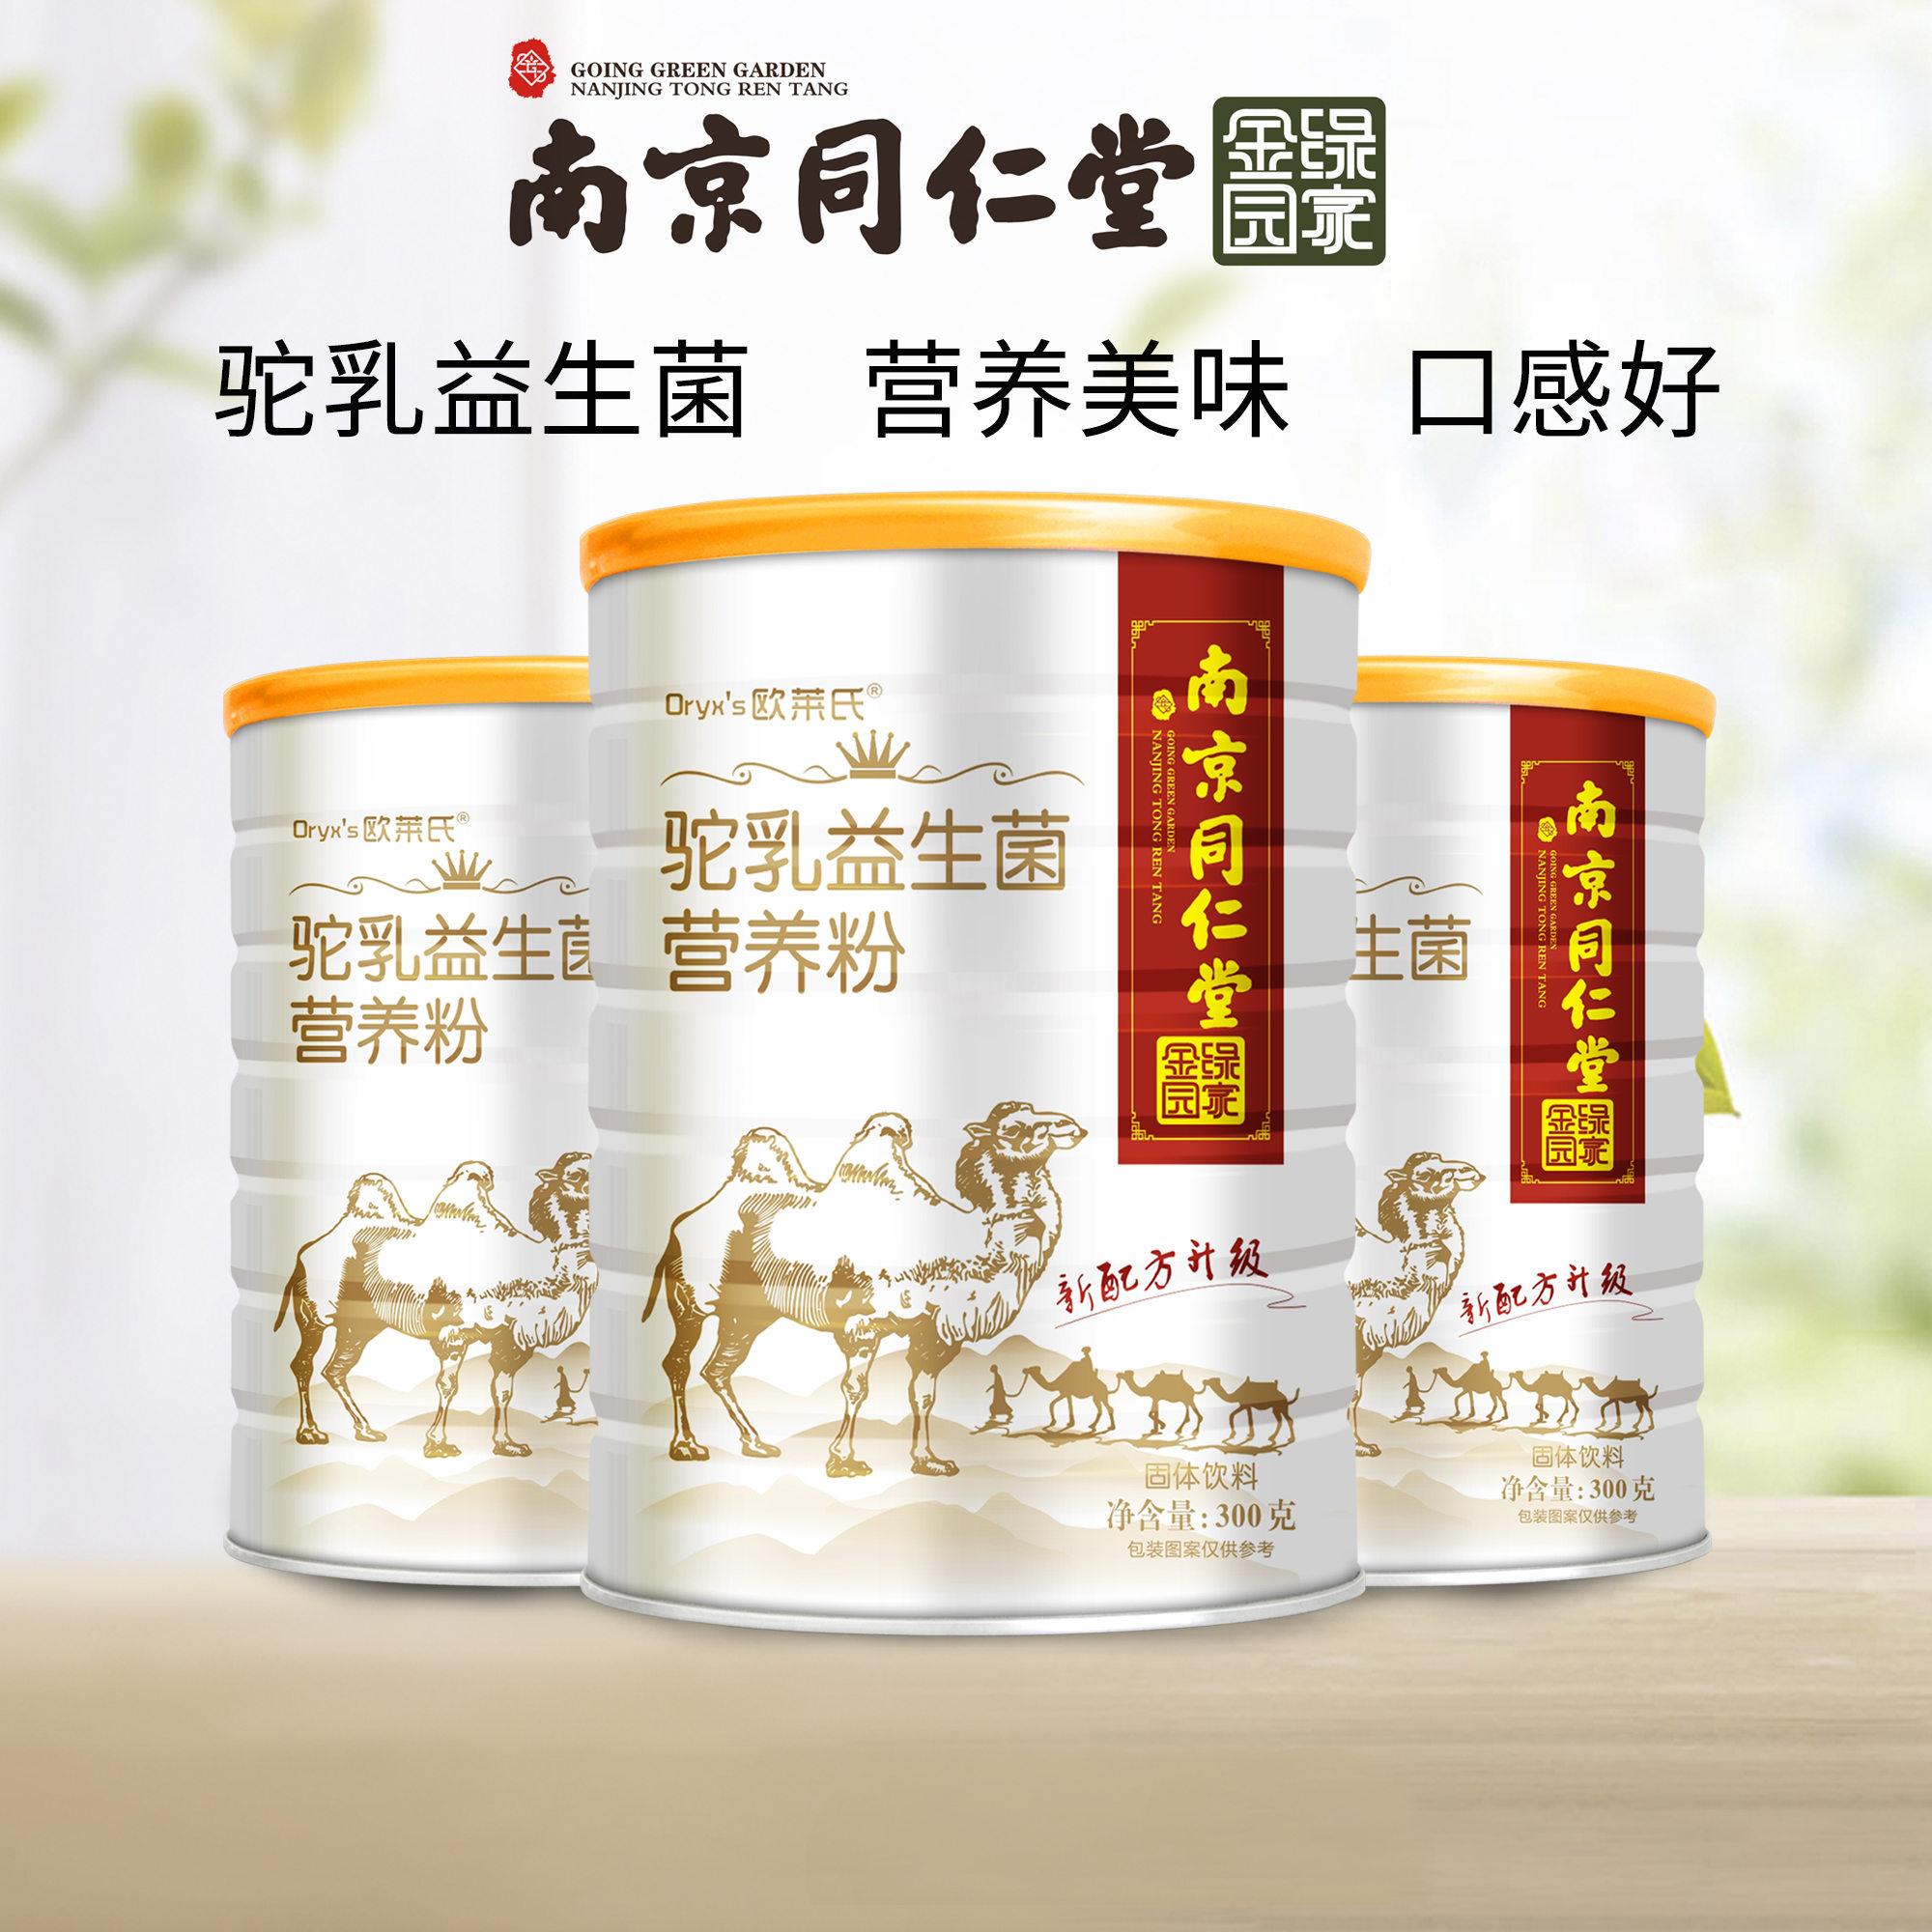 欧莱氏骆驼奶蛋白益生菌营养代餐粉中老年儿童官方旗舰店官网